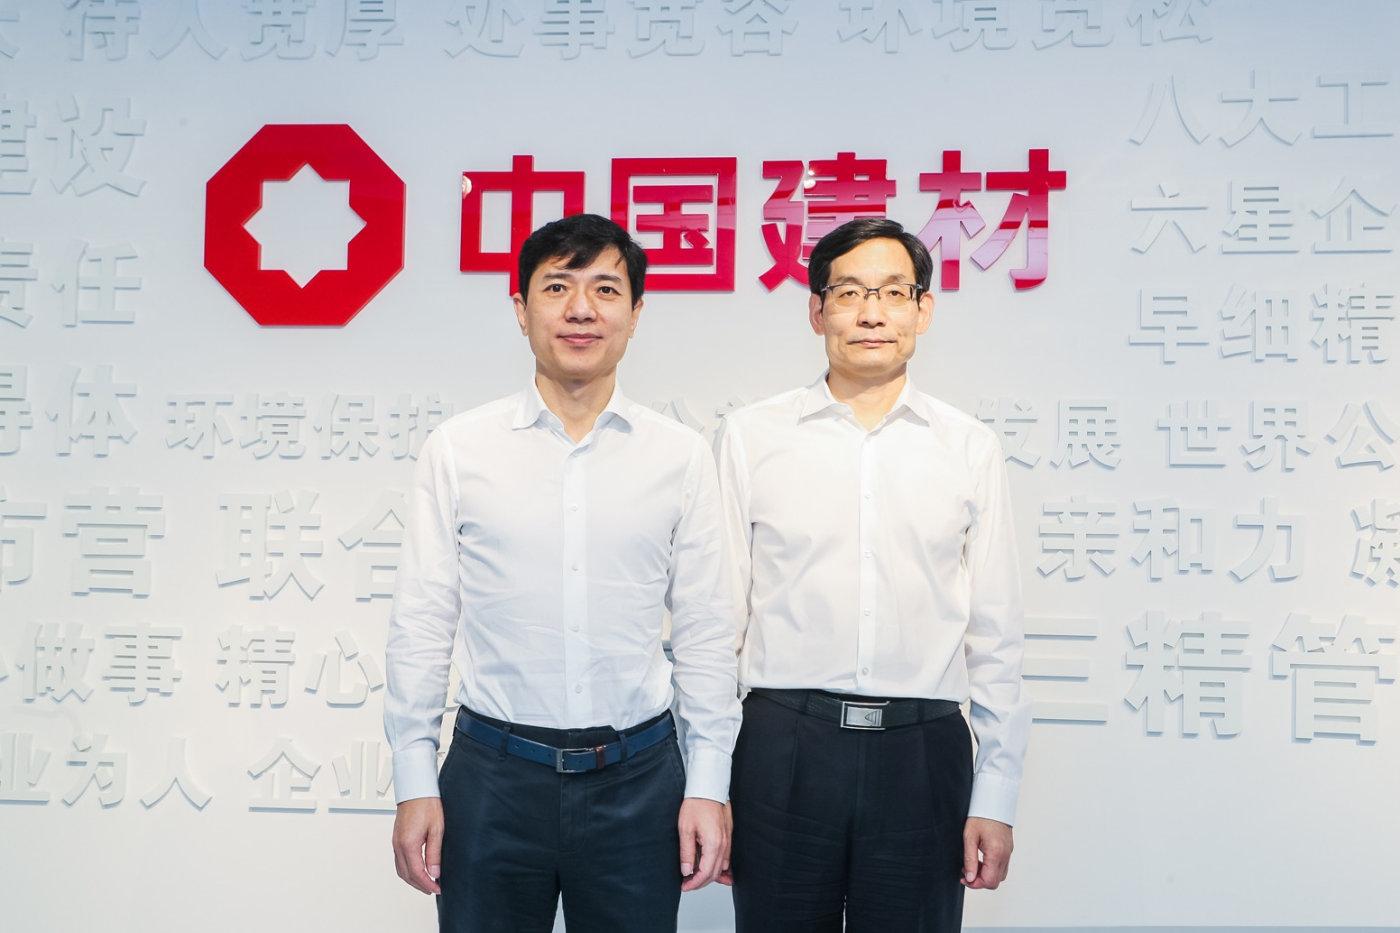 百度与中国建材集团达成战略合作,共同加速中国制造智能化升级